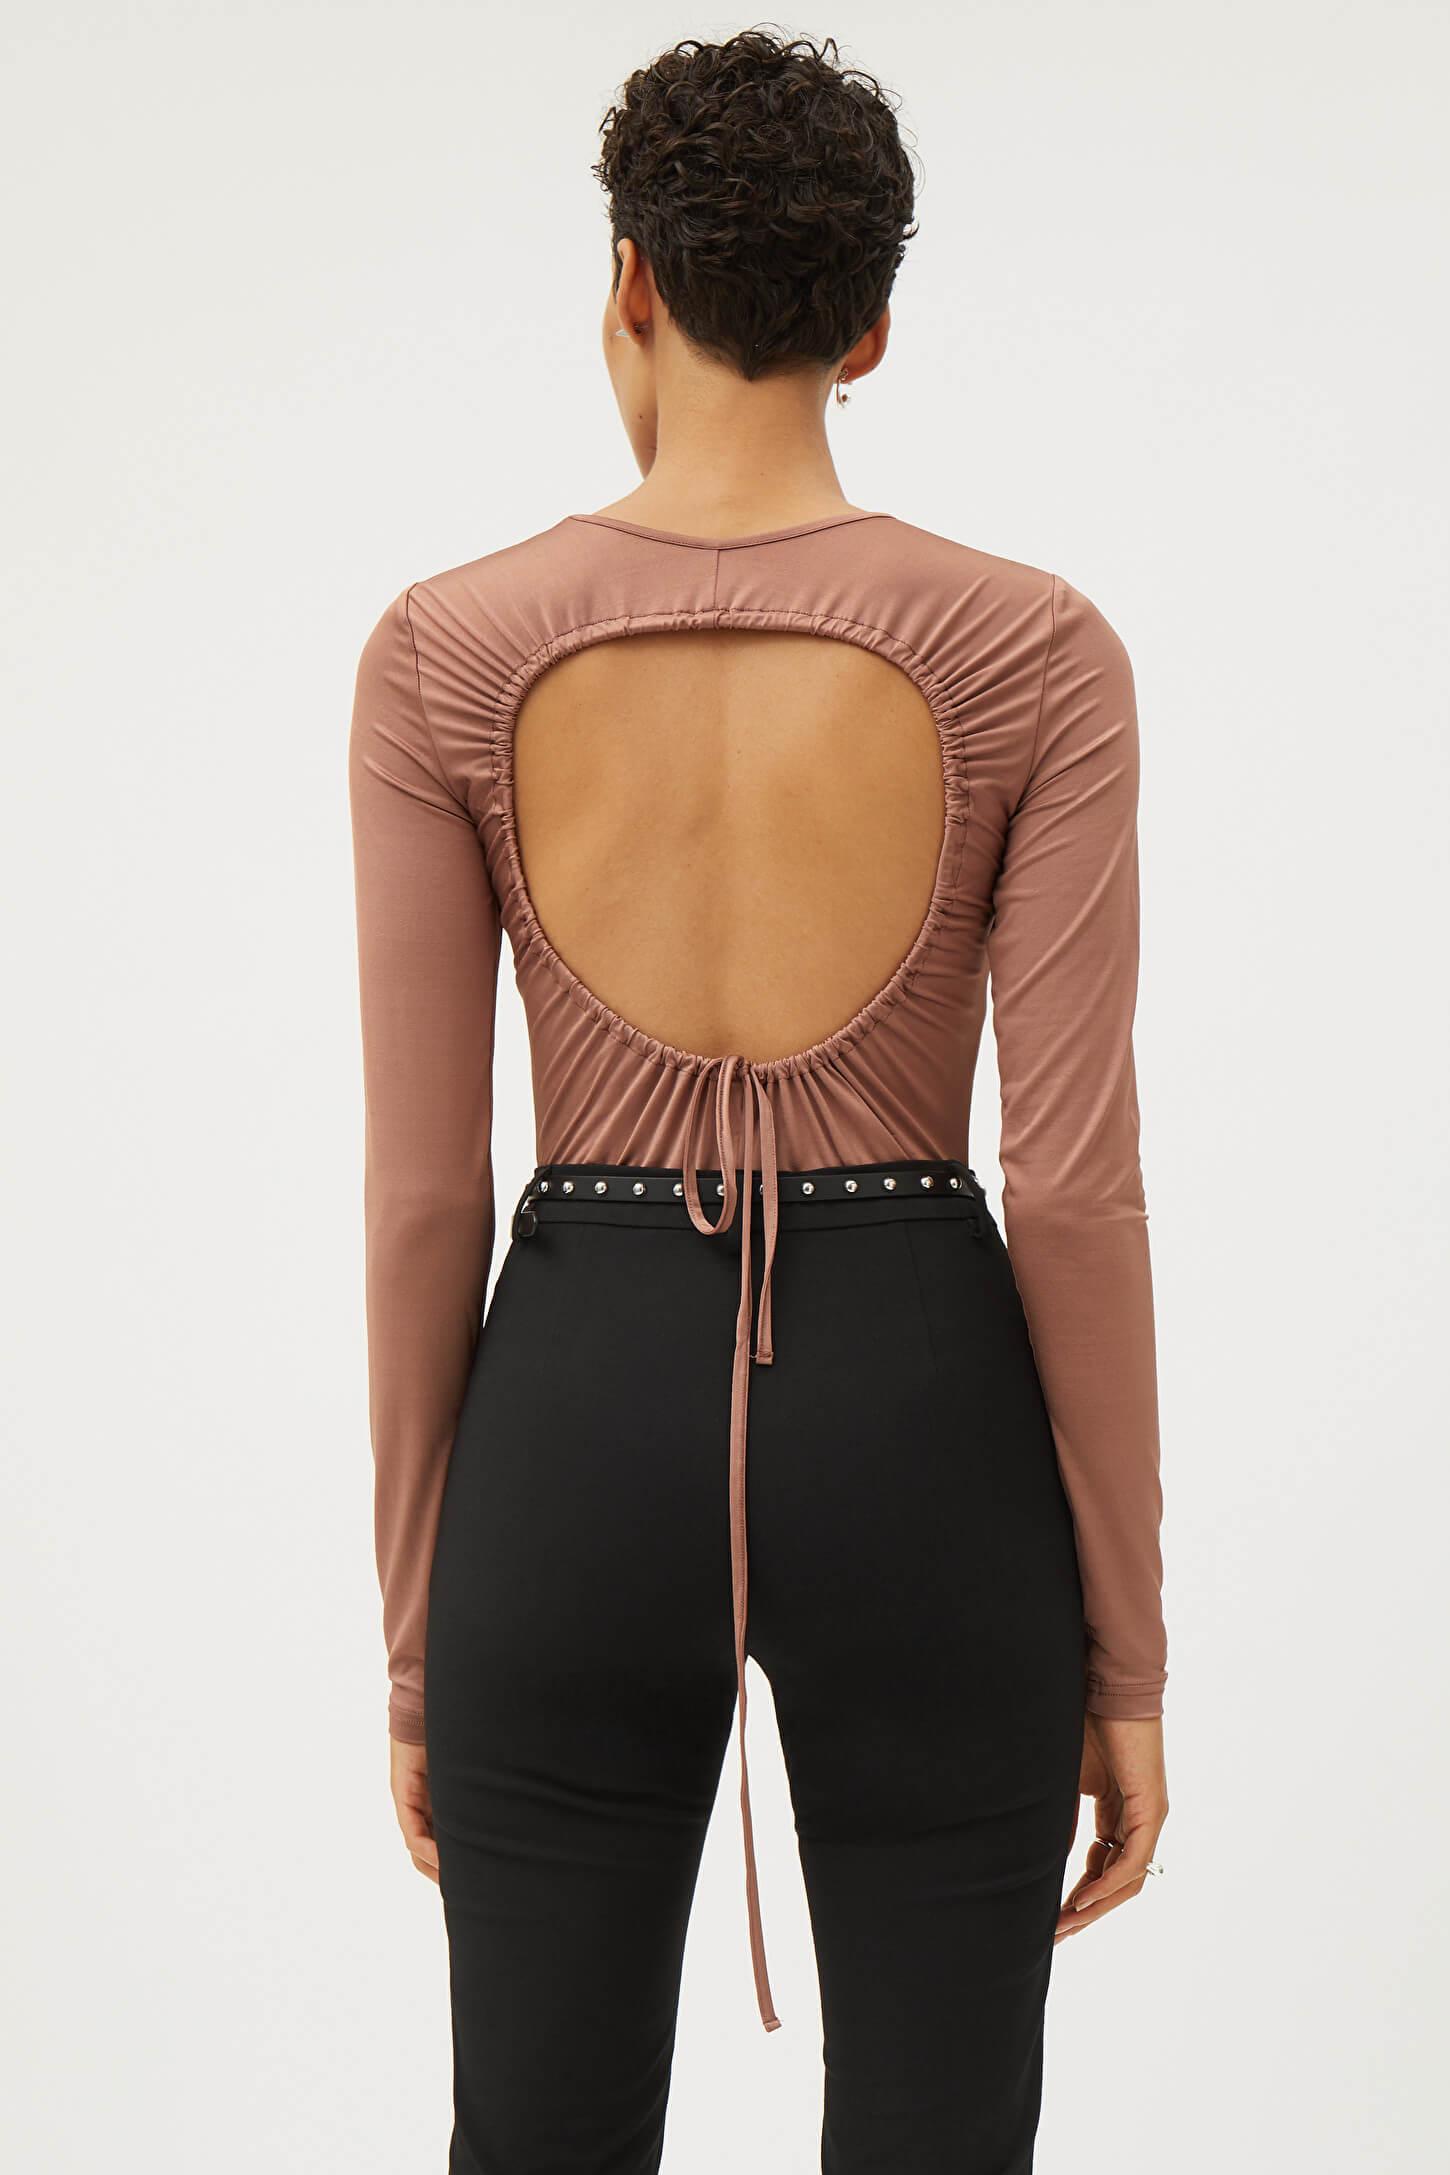 Gammelrosa långärmad tröja med öppen rygg och snörning bak.